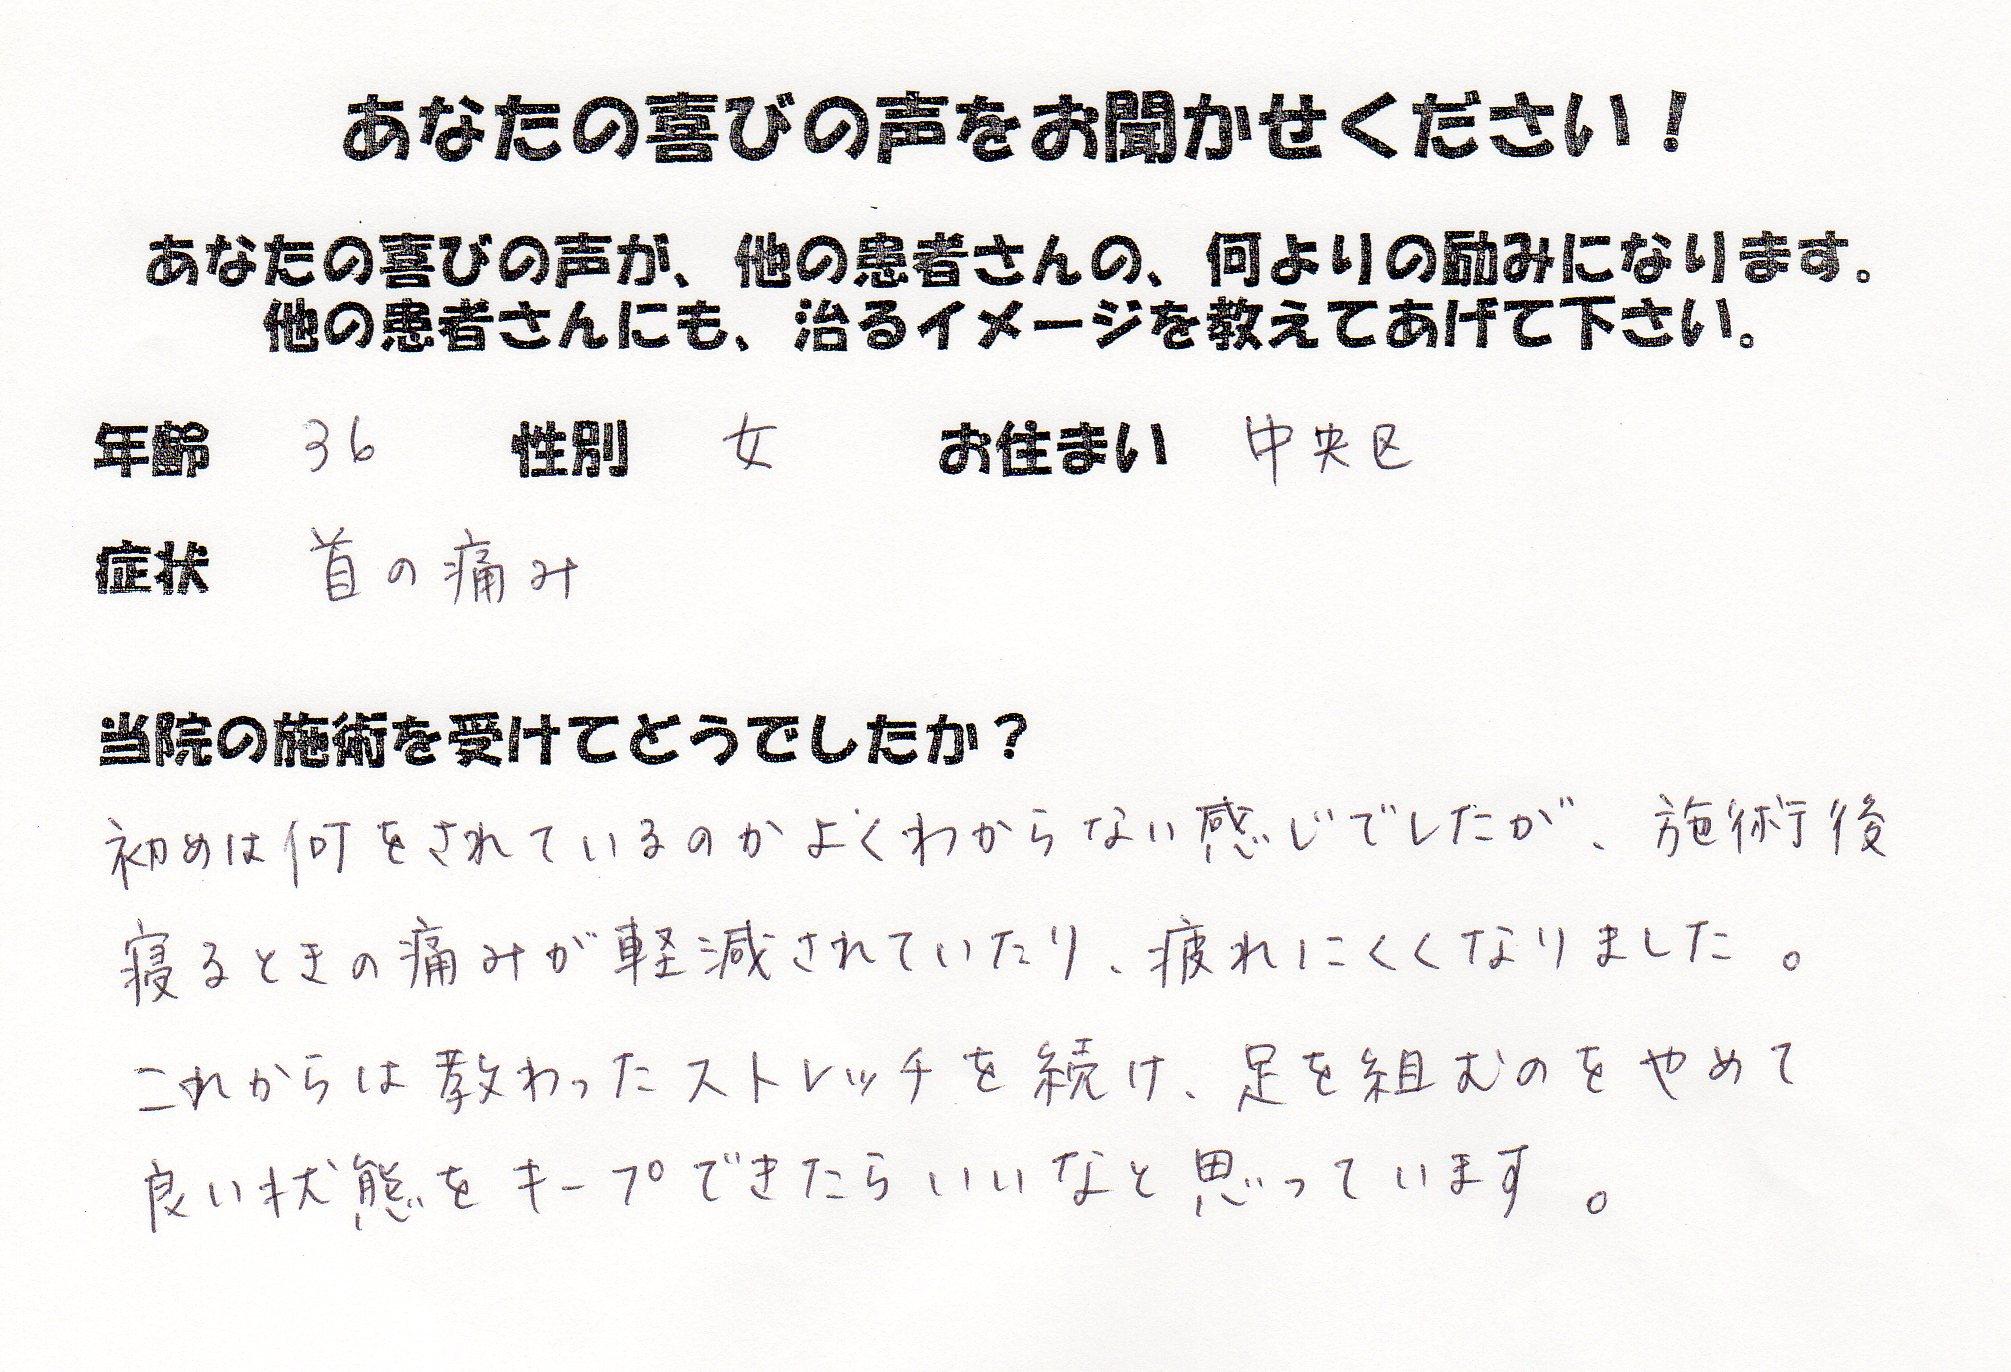 福岡市中央区、福岡市城南区の首痛、首こり、肩こりは六本松の福岡首こり整体が評判人気。